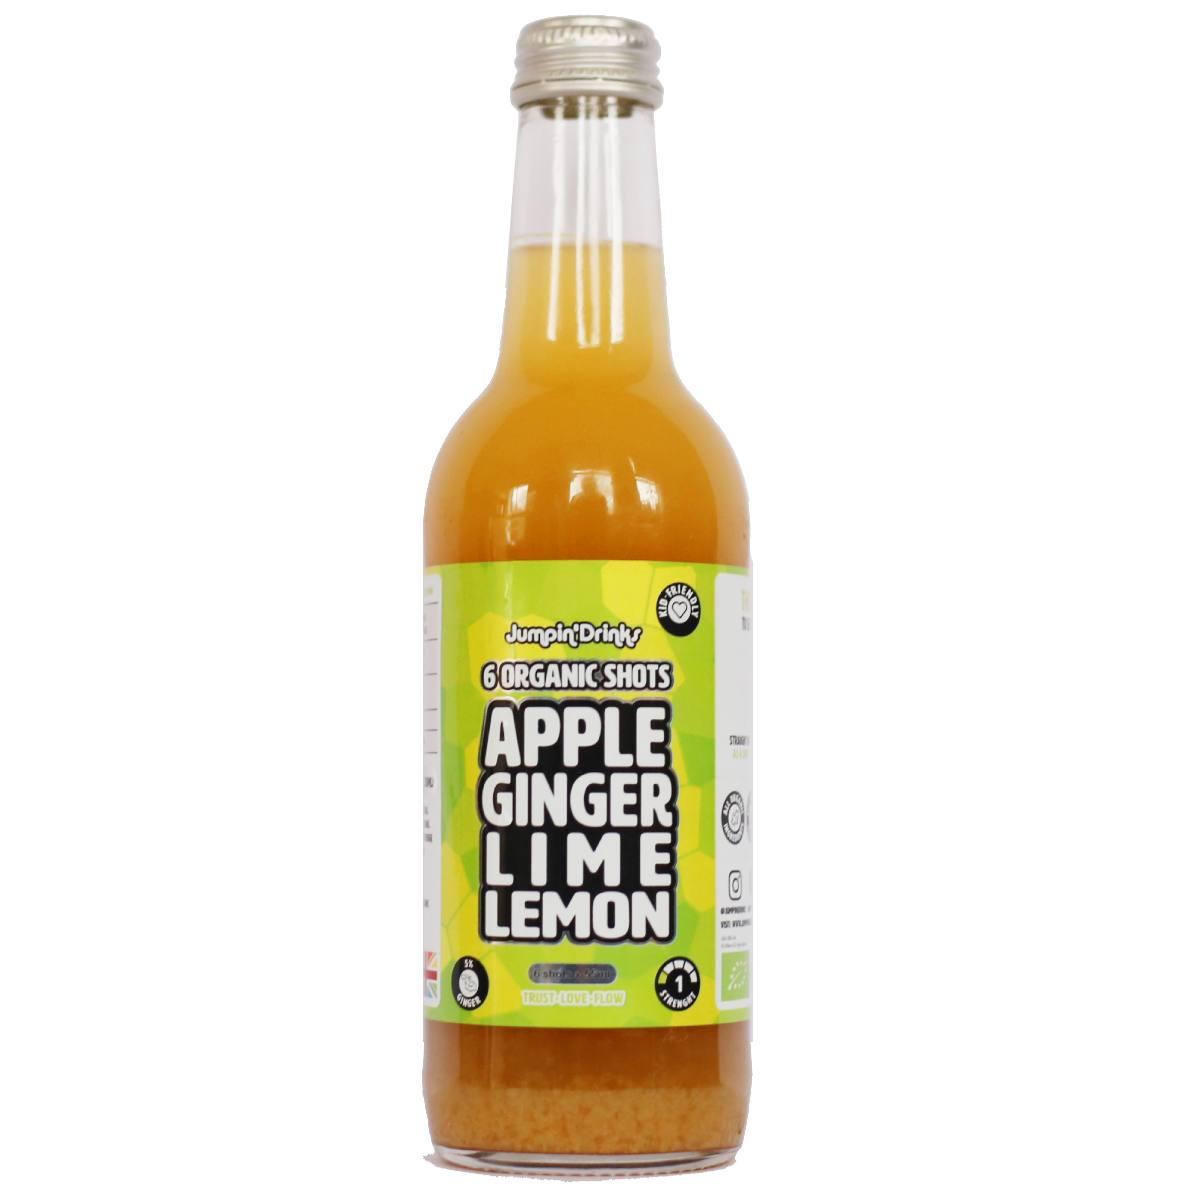 Ginger Beginner - Apple, Ginger, Lime, Lemon. - Ginger Shots